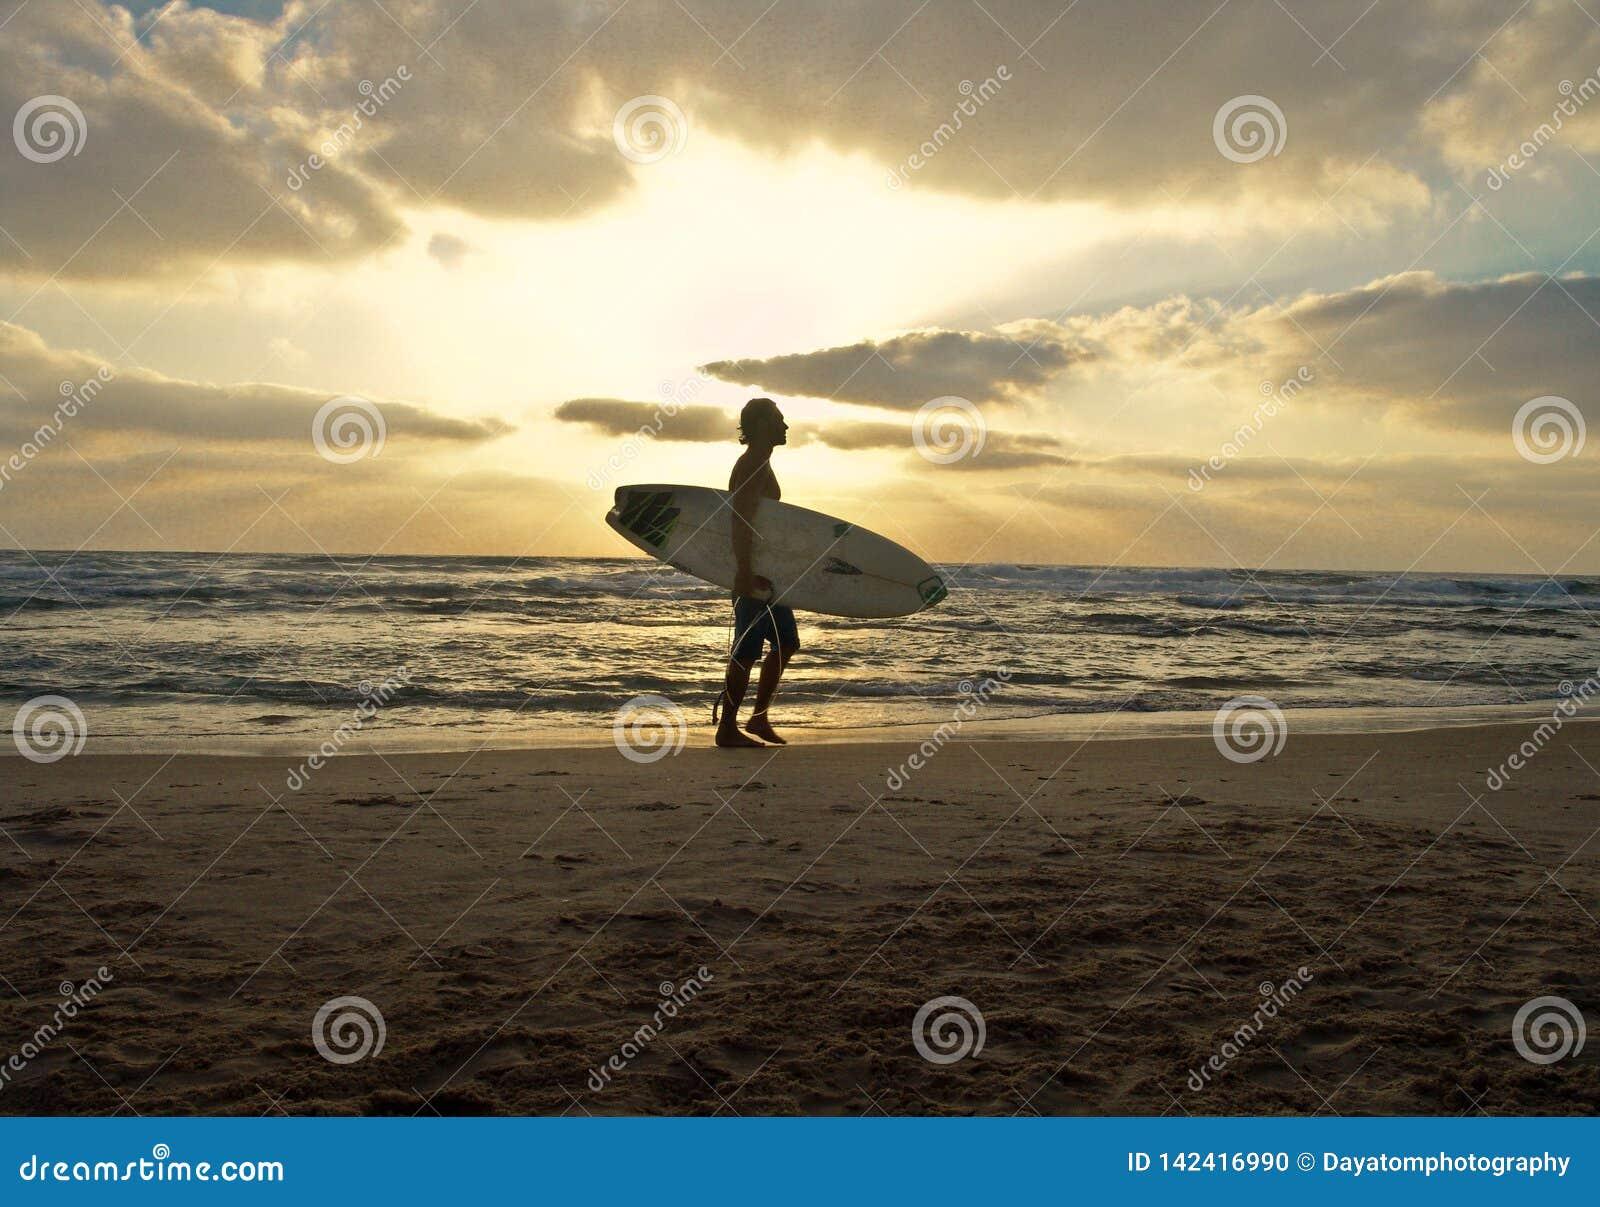 Enige mannelijke surfer met een surfplank die op een zandig strand op een bewolkte zonsondergang lopen